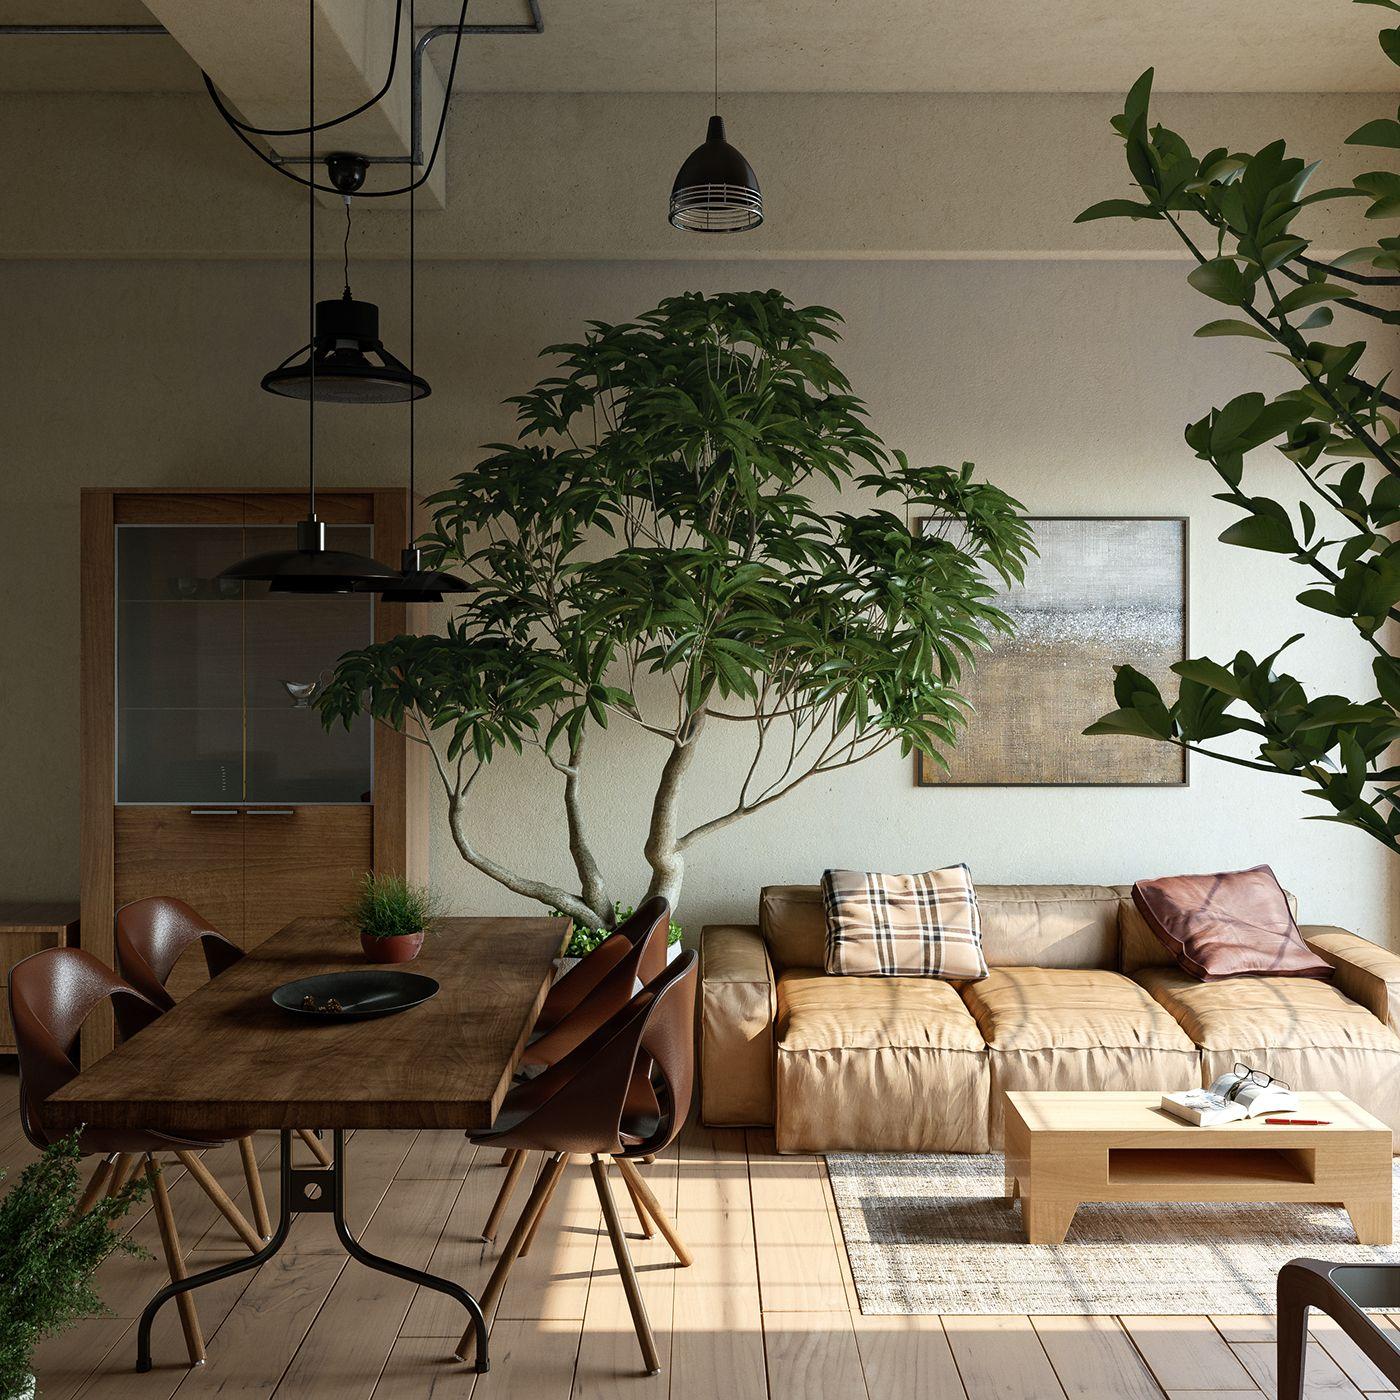 pin von andr bessa auf 3d pinterest wohnzimmer einrichtung und wohnen. Black Bedroom Furniture Sets. Home Design Ideas